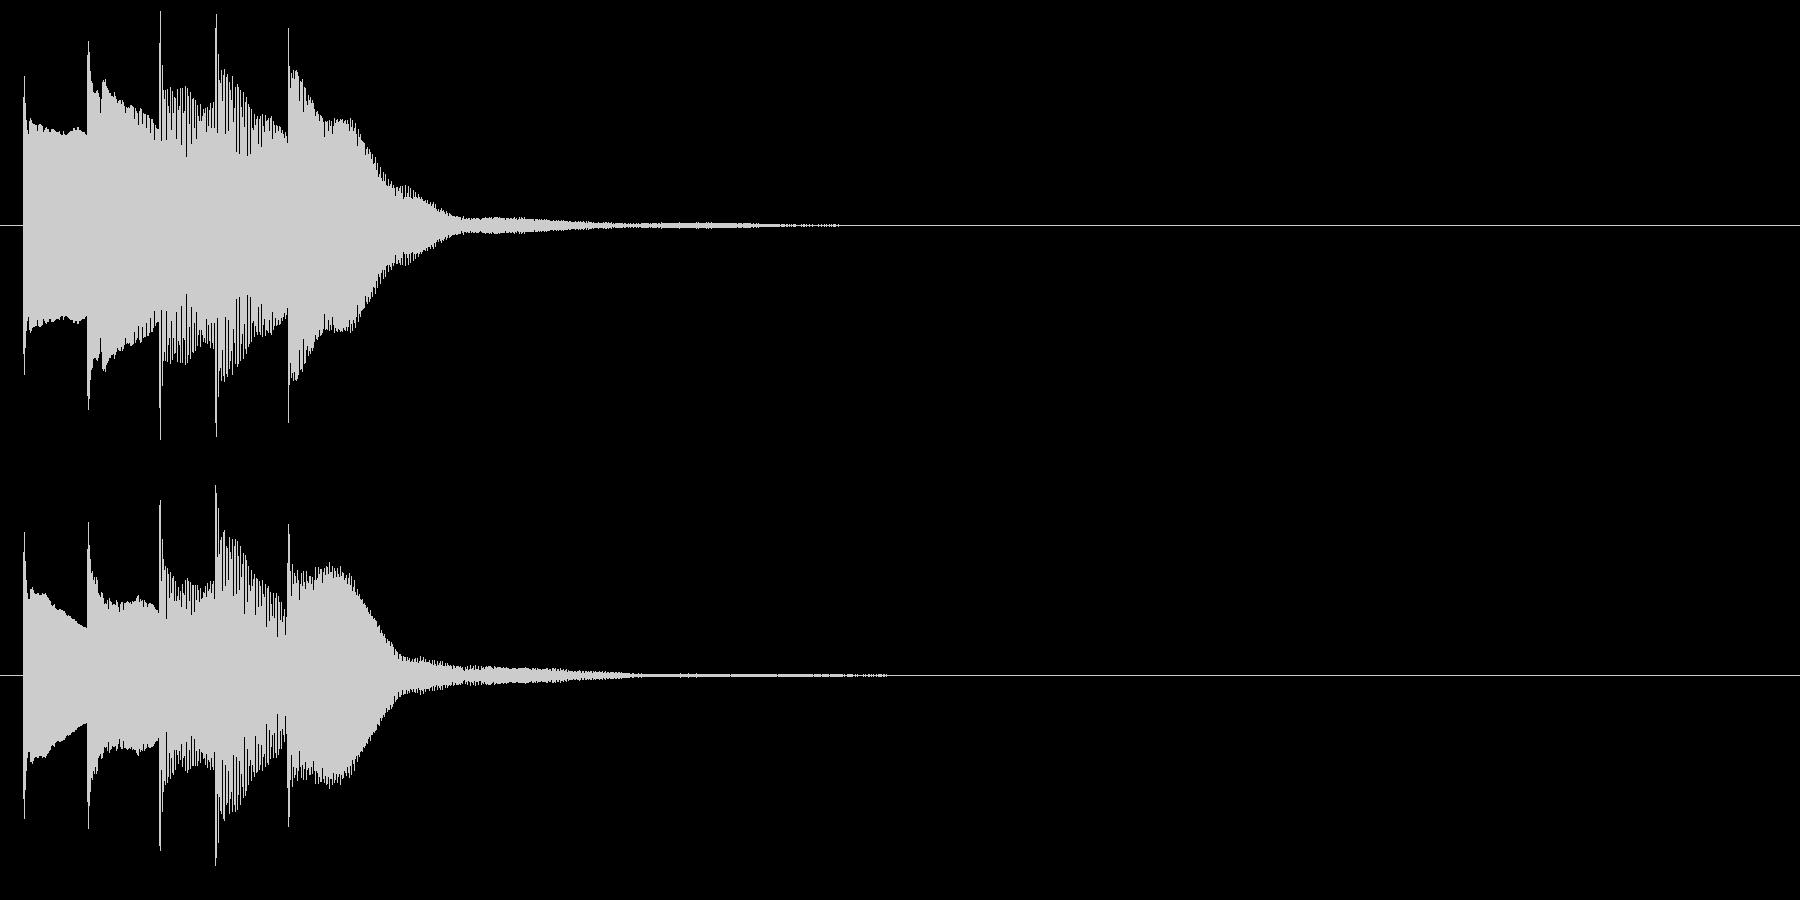 アラーム音08 マレット(maj)の未再生の波形